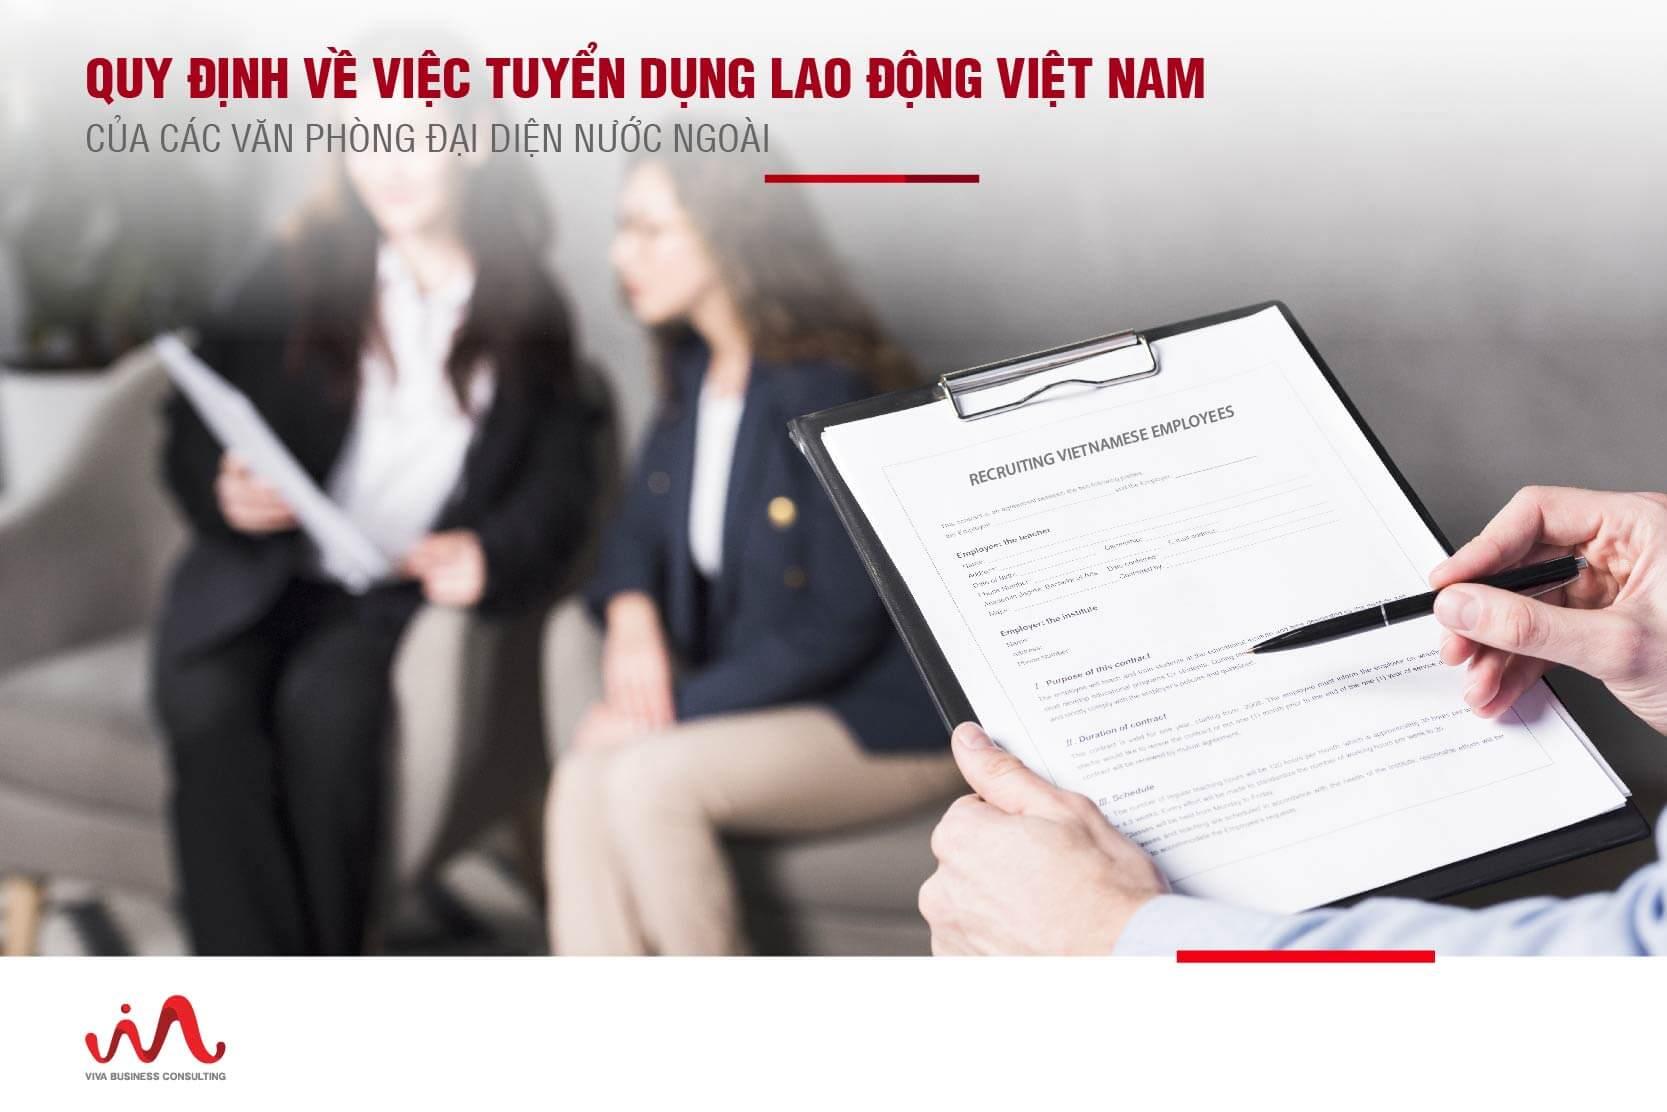 Tuyển dụng lao động Việt Nam